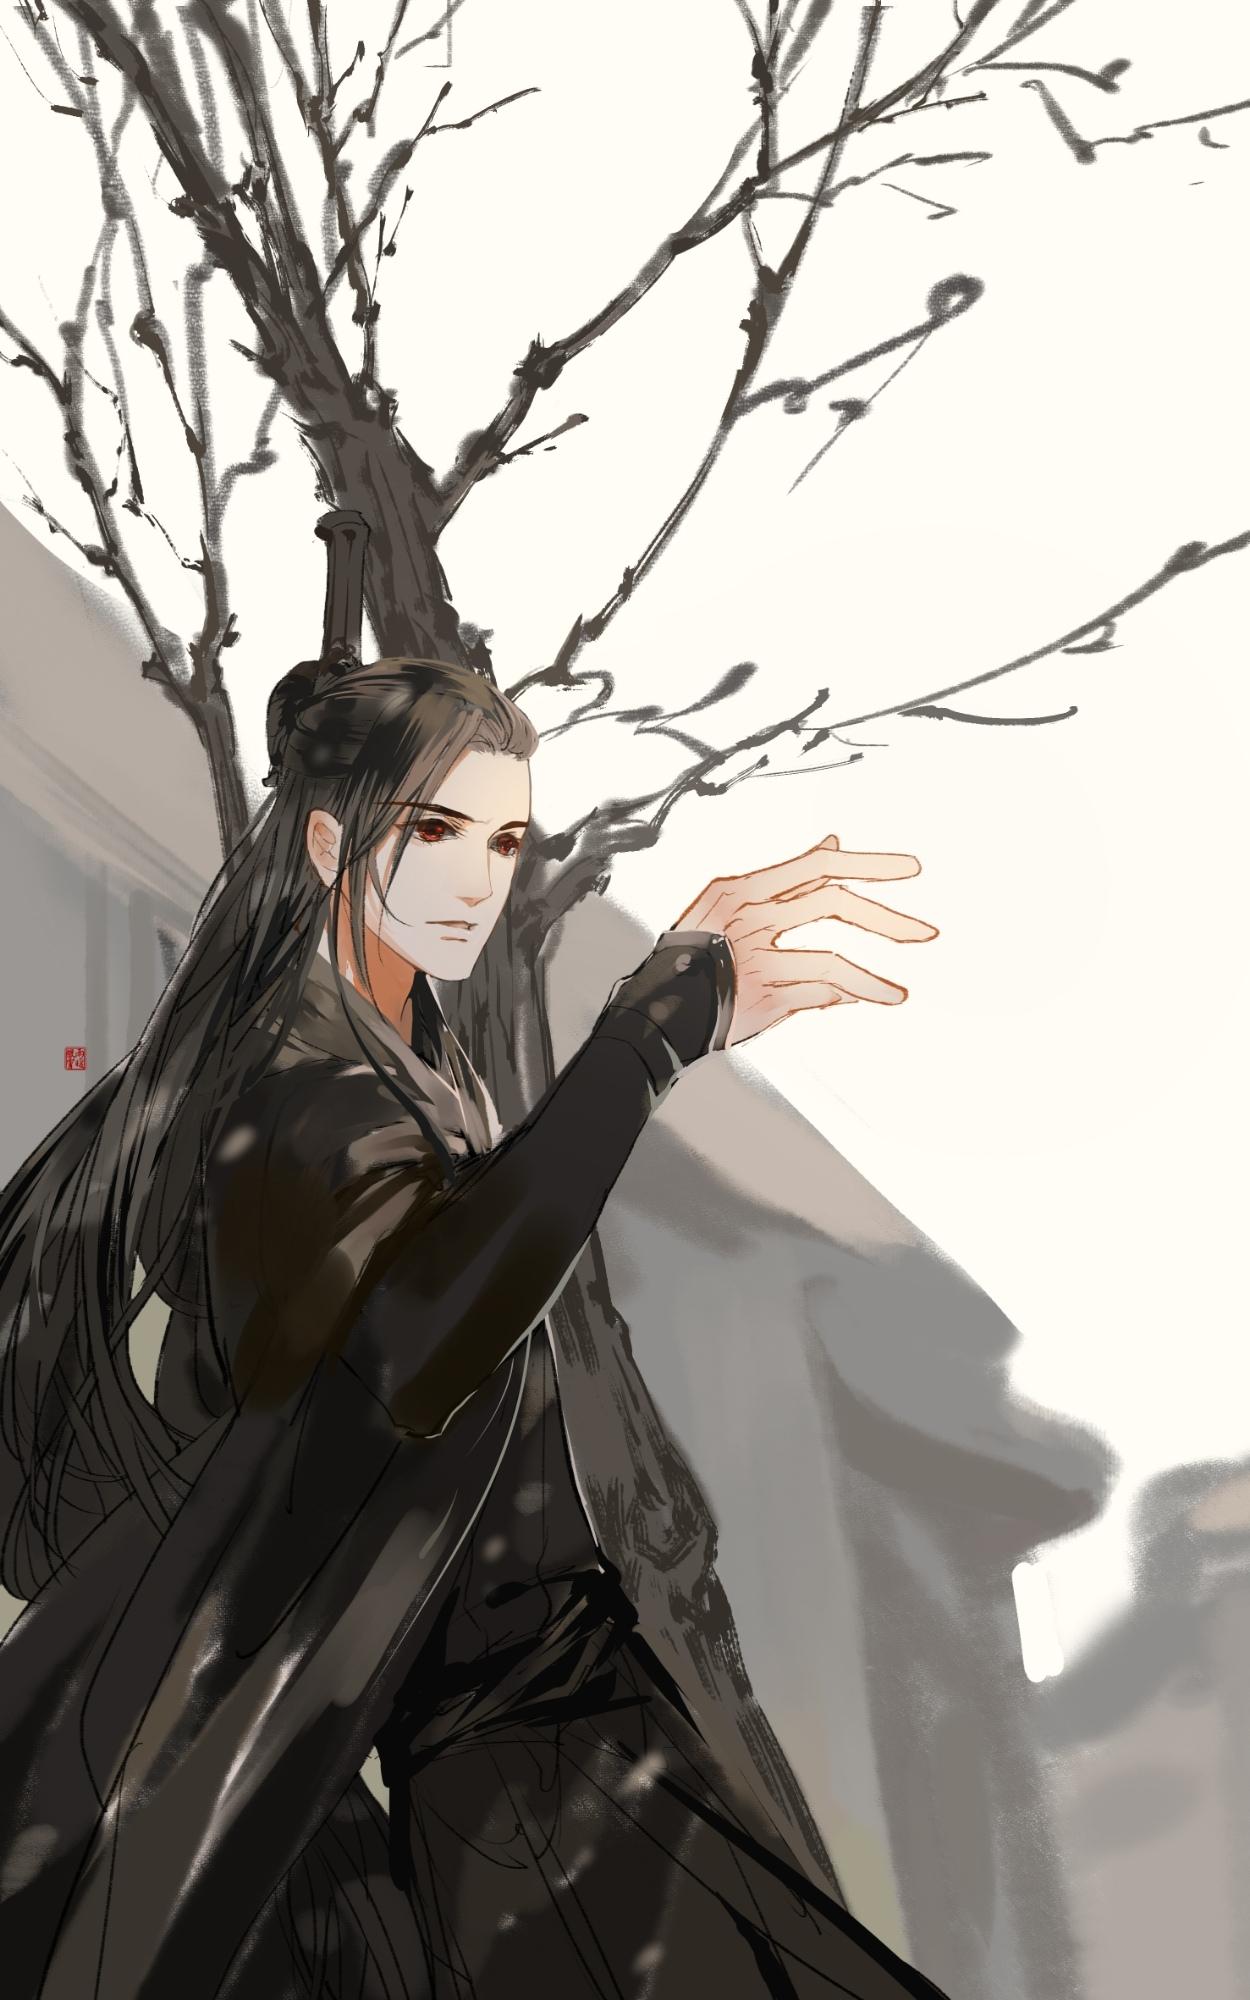 Ảnh Hạ Huyền x Sư Thanh Huyền (Song Huyền / Thiên Quan Tứ Phúc) – Xích  Luyện Động